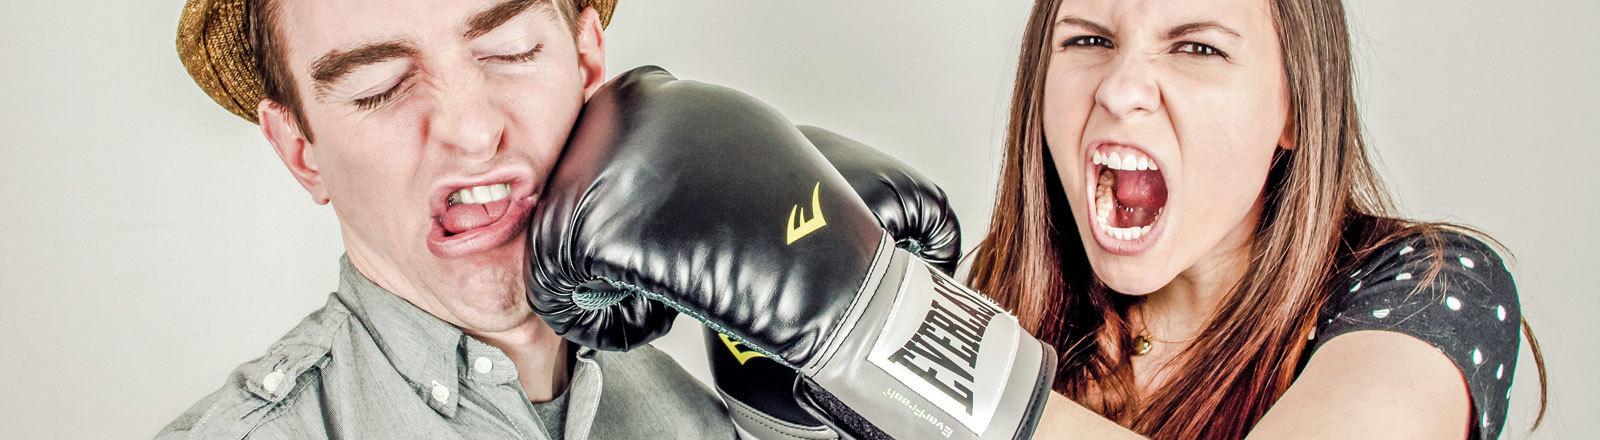 Eine Frau schreit und boxt mit einem Boxhandschuh einem Mann ins Gesicht.